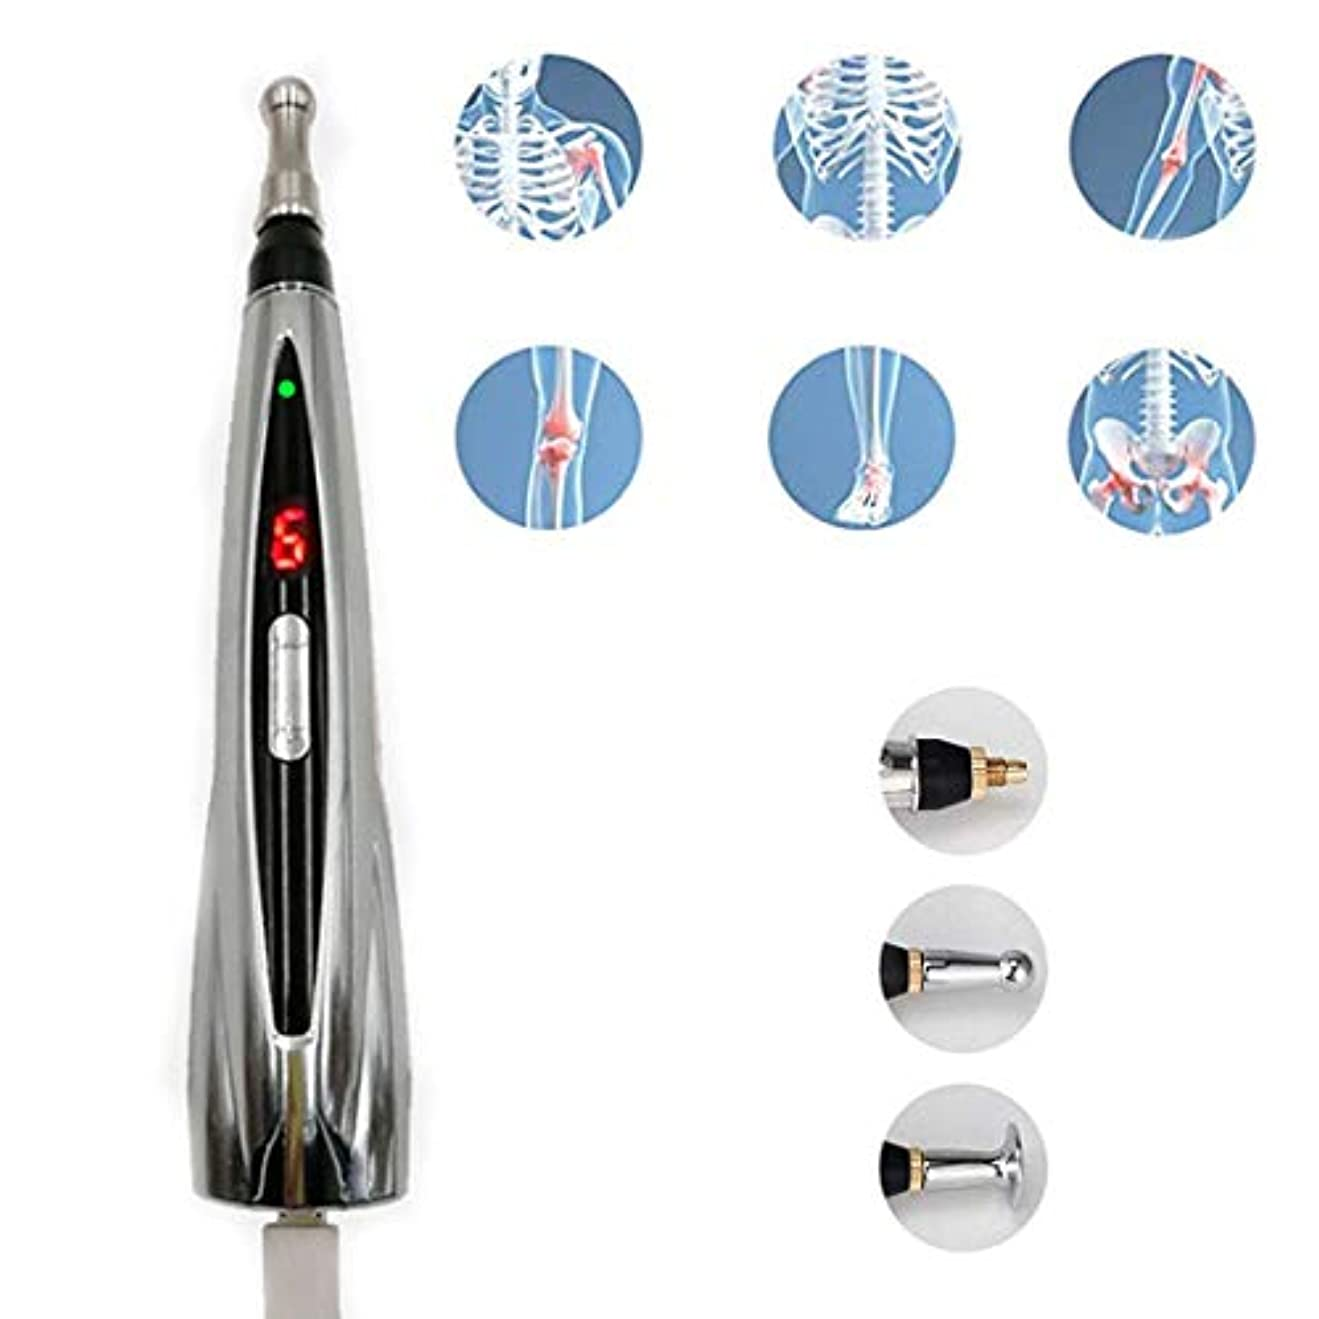 ファン消防士神秘的なレーザーメリディアンペン、ハンドヘルドマッサージペンUsb充電メリディアンペン痛みストレスリリーフ用に調整可能な9種類の力17.5cm * 3cmシルバー